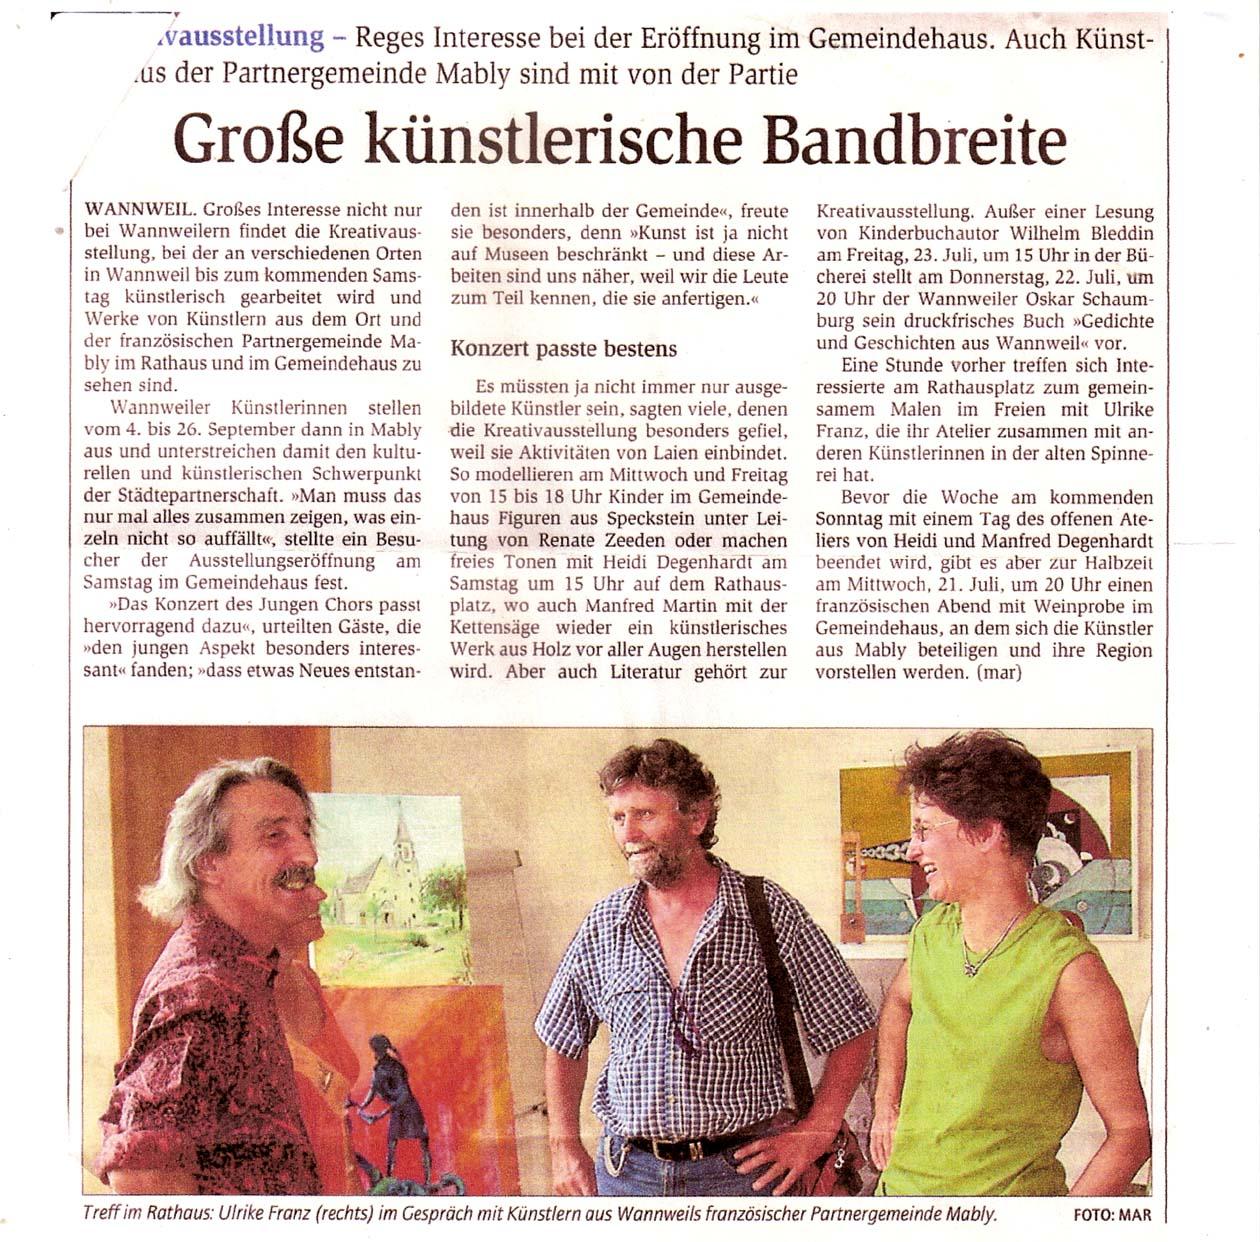 Wannweil dans Voyage wannweil-2004